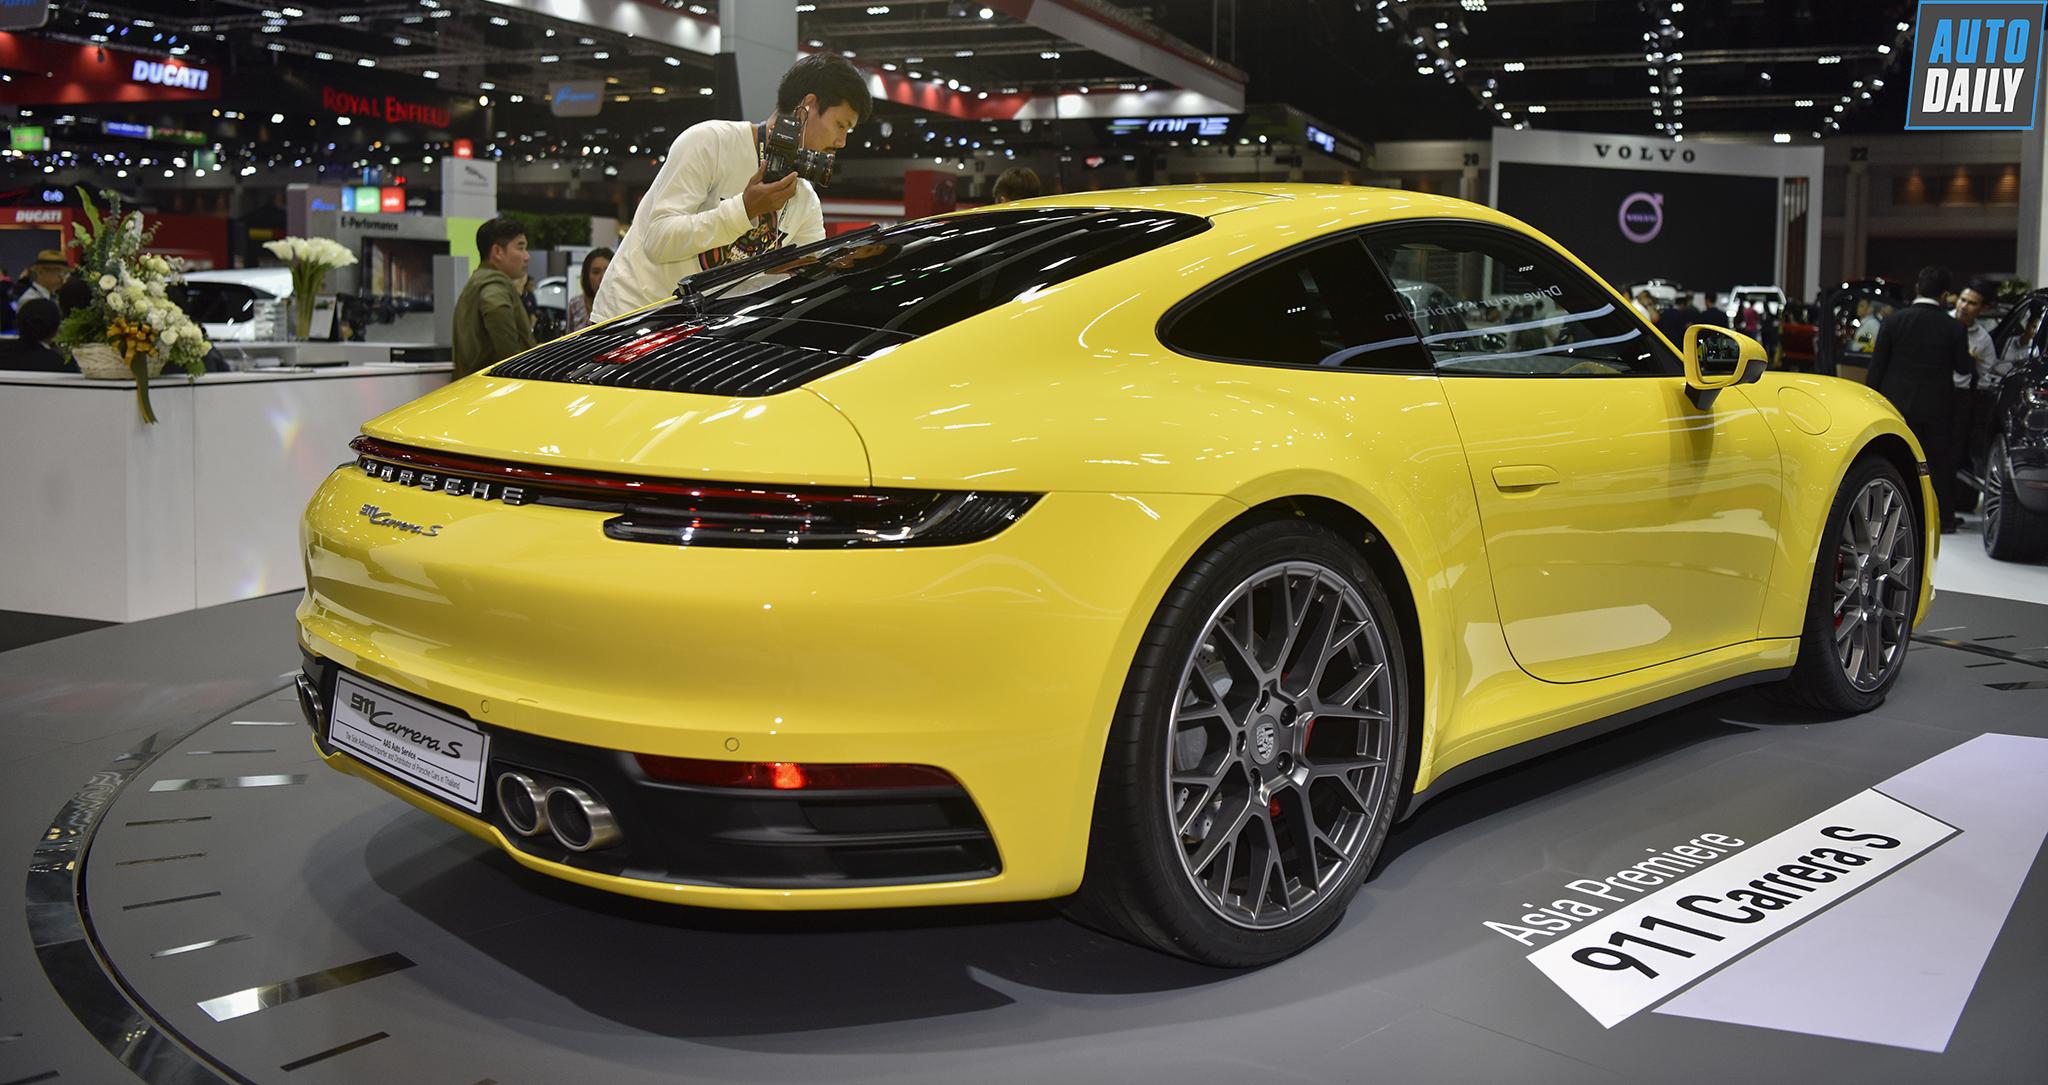 porsche-911-2020-bangkok-motor-show-autodaily-04.jpg